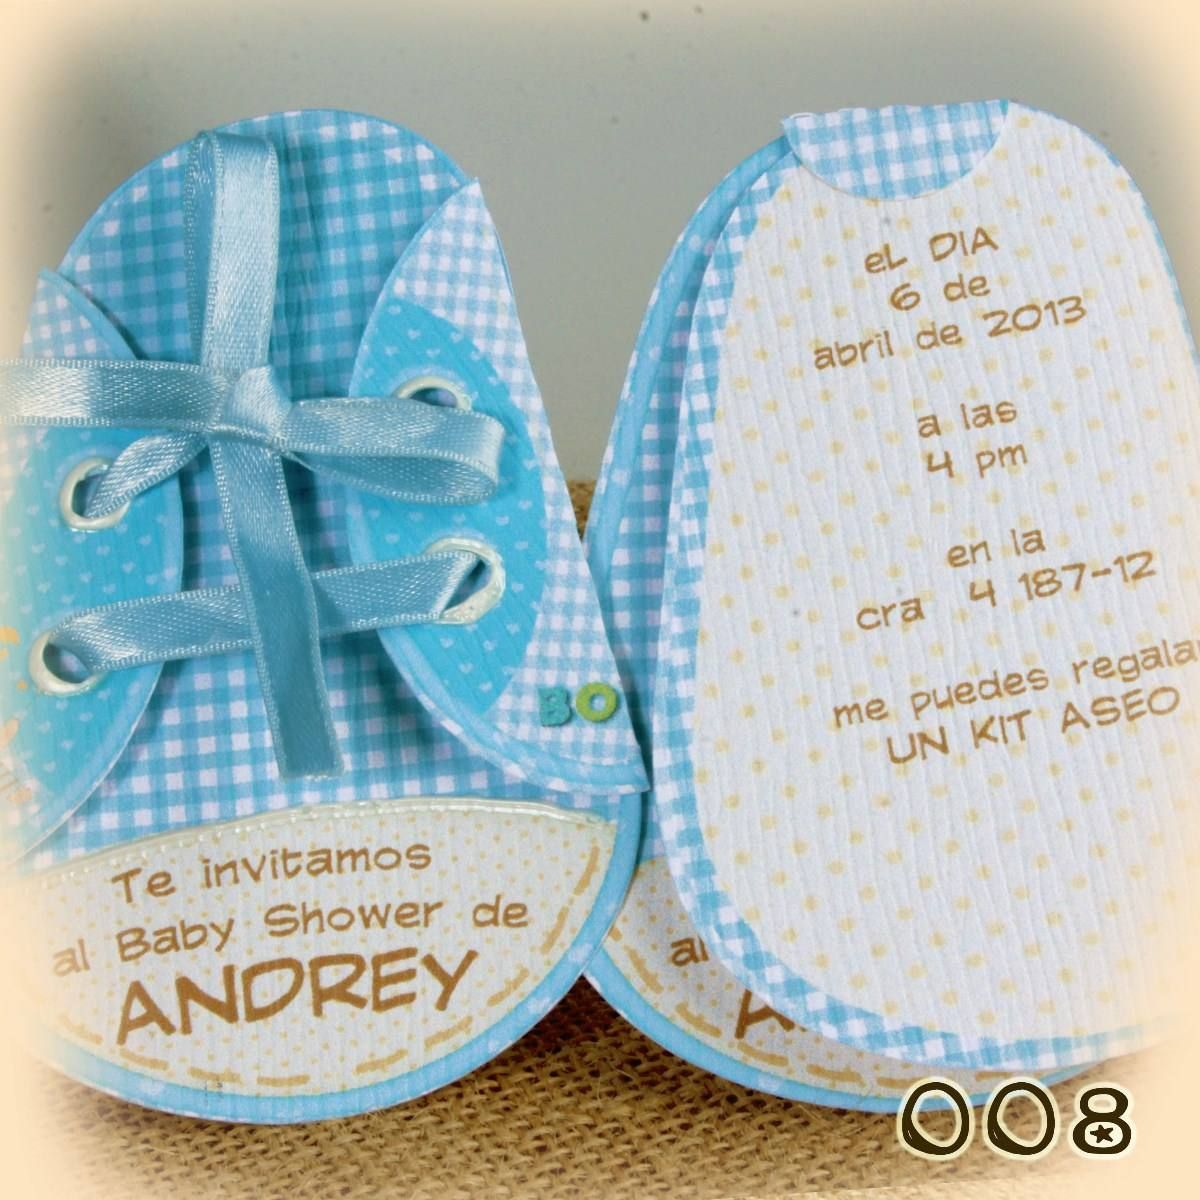 Lovely Invitaciones Y Tarjetas Baby Shower Zapaticos_MCO F 4405750465_052013.